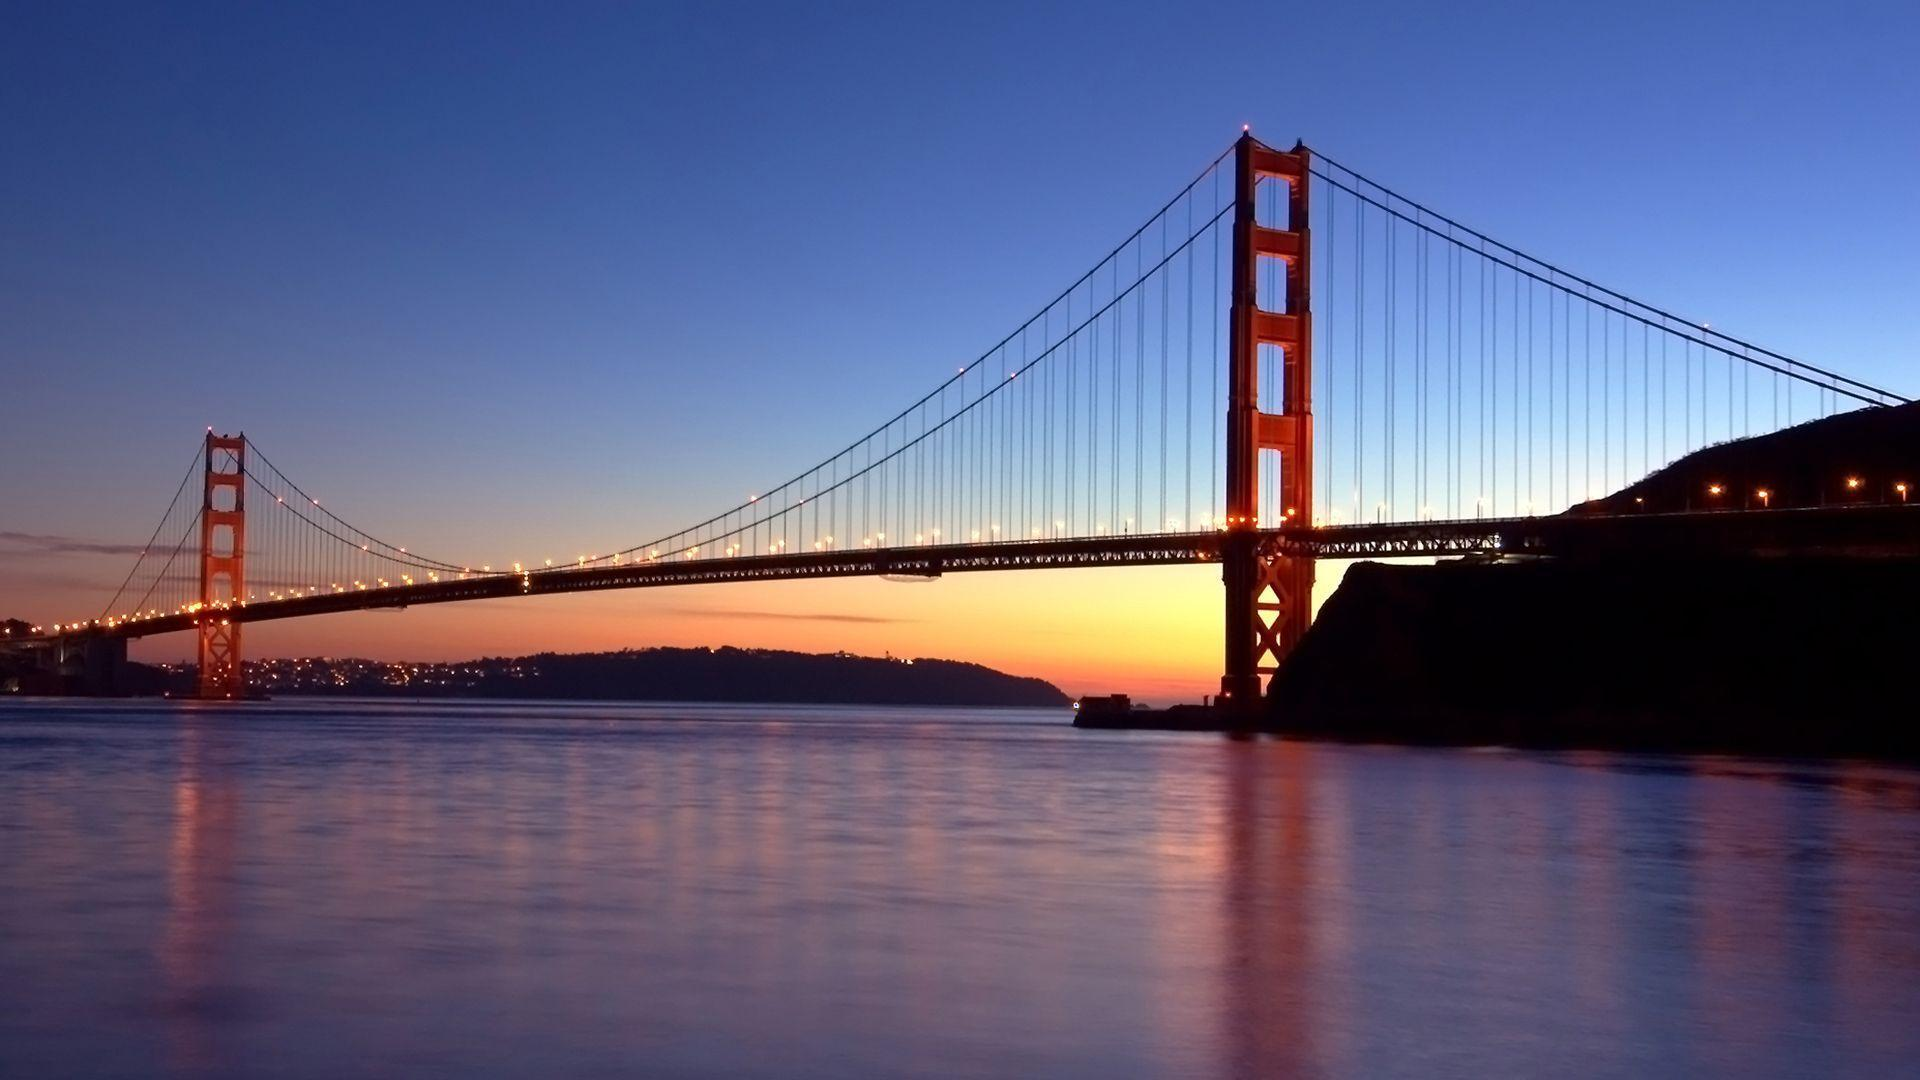 Golden Gate Bridge Wallpapers - HD Wallpapers Inn